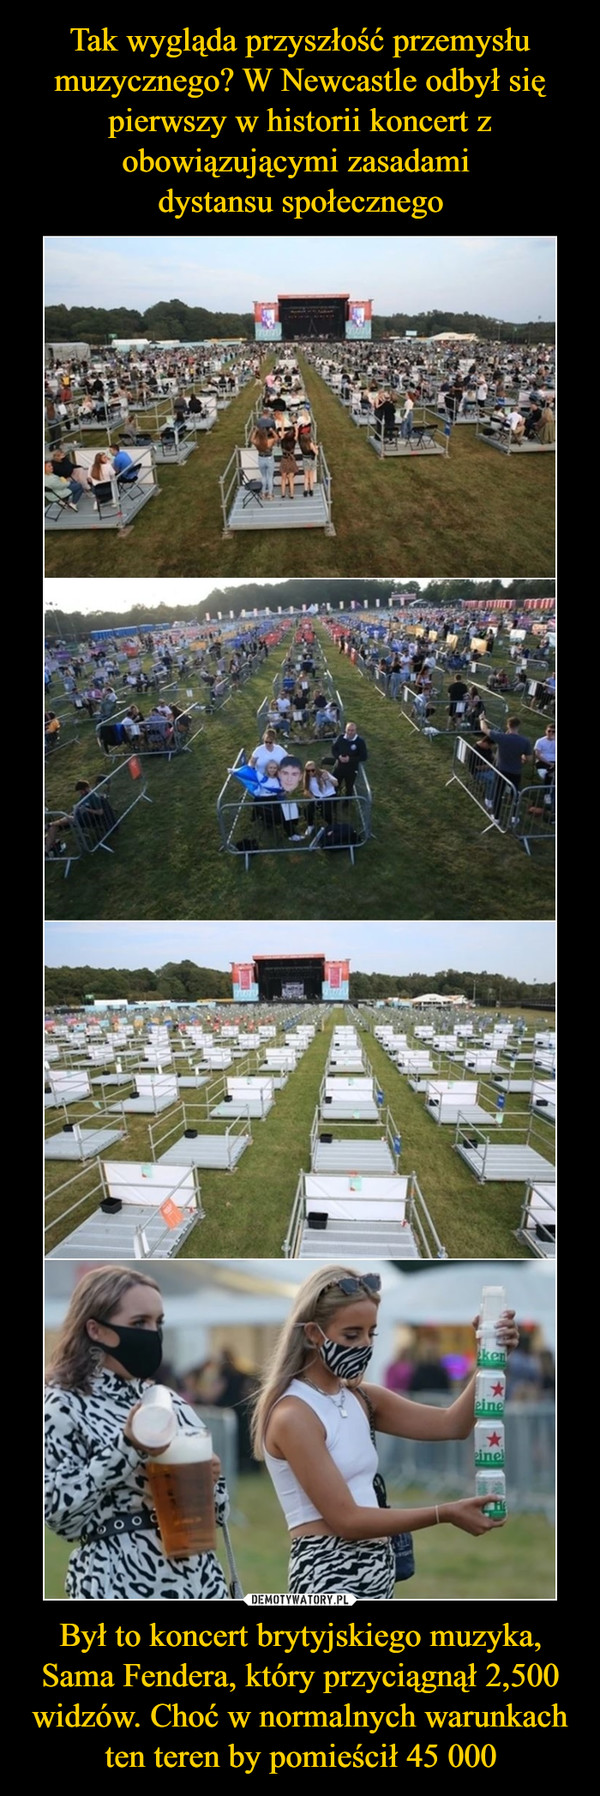 Był to koncert brytyjskiego muzyka, Sama Fendera, który przyciągnął 2,500 widzów. Choć w normalnych warunkach ten teren by pomieścił 45 000 –